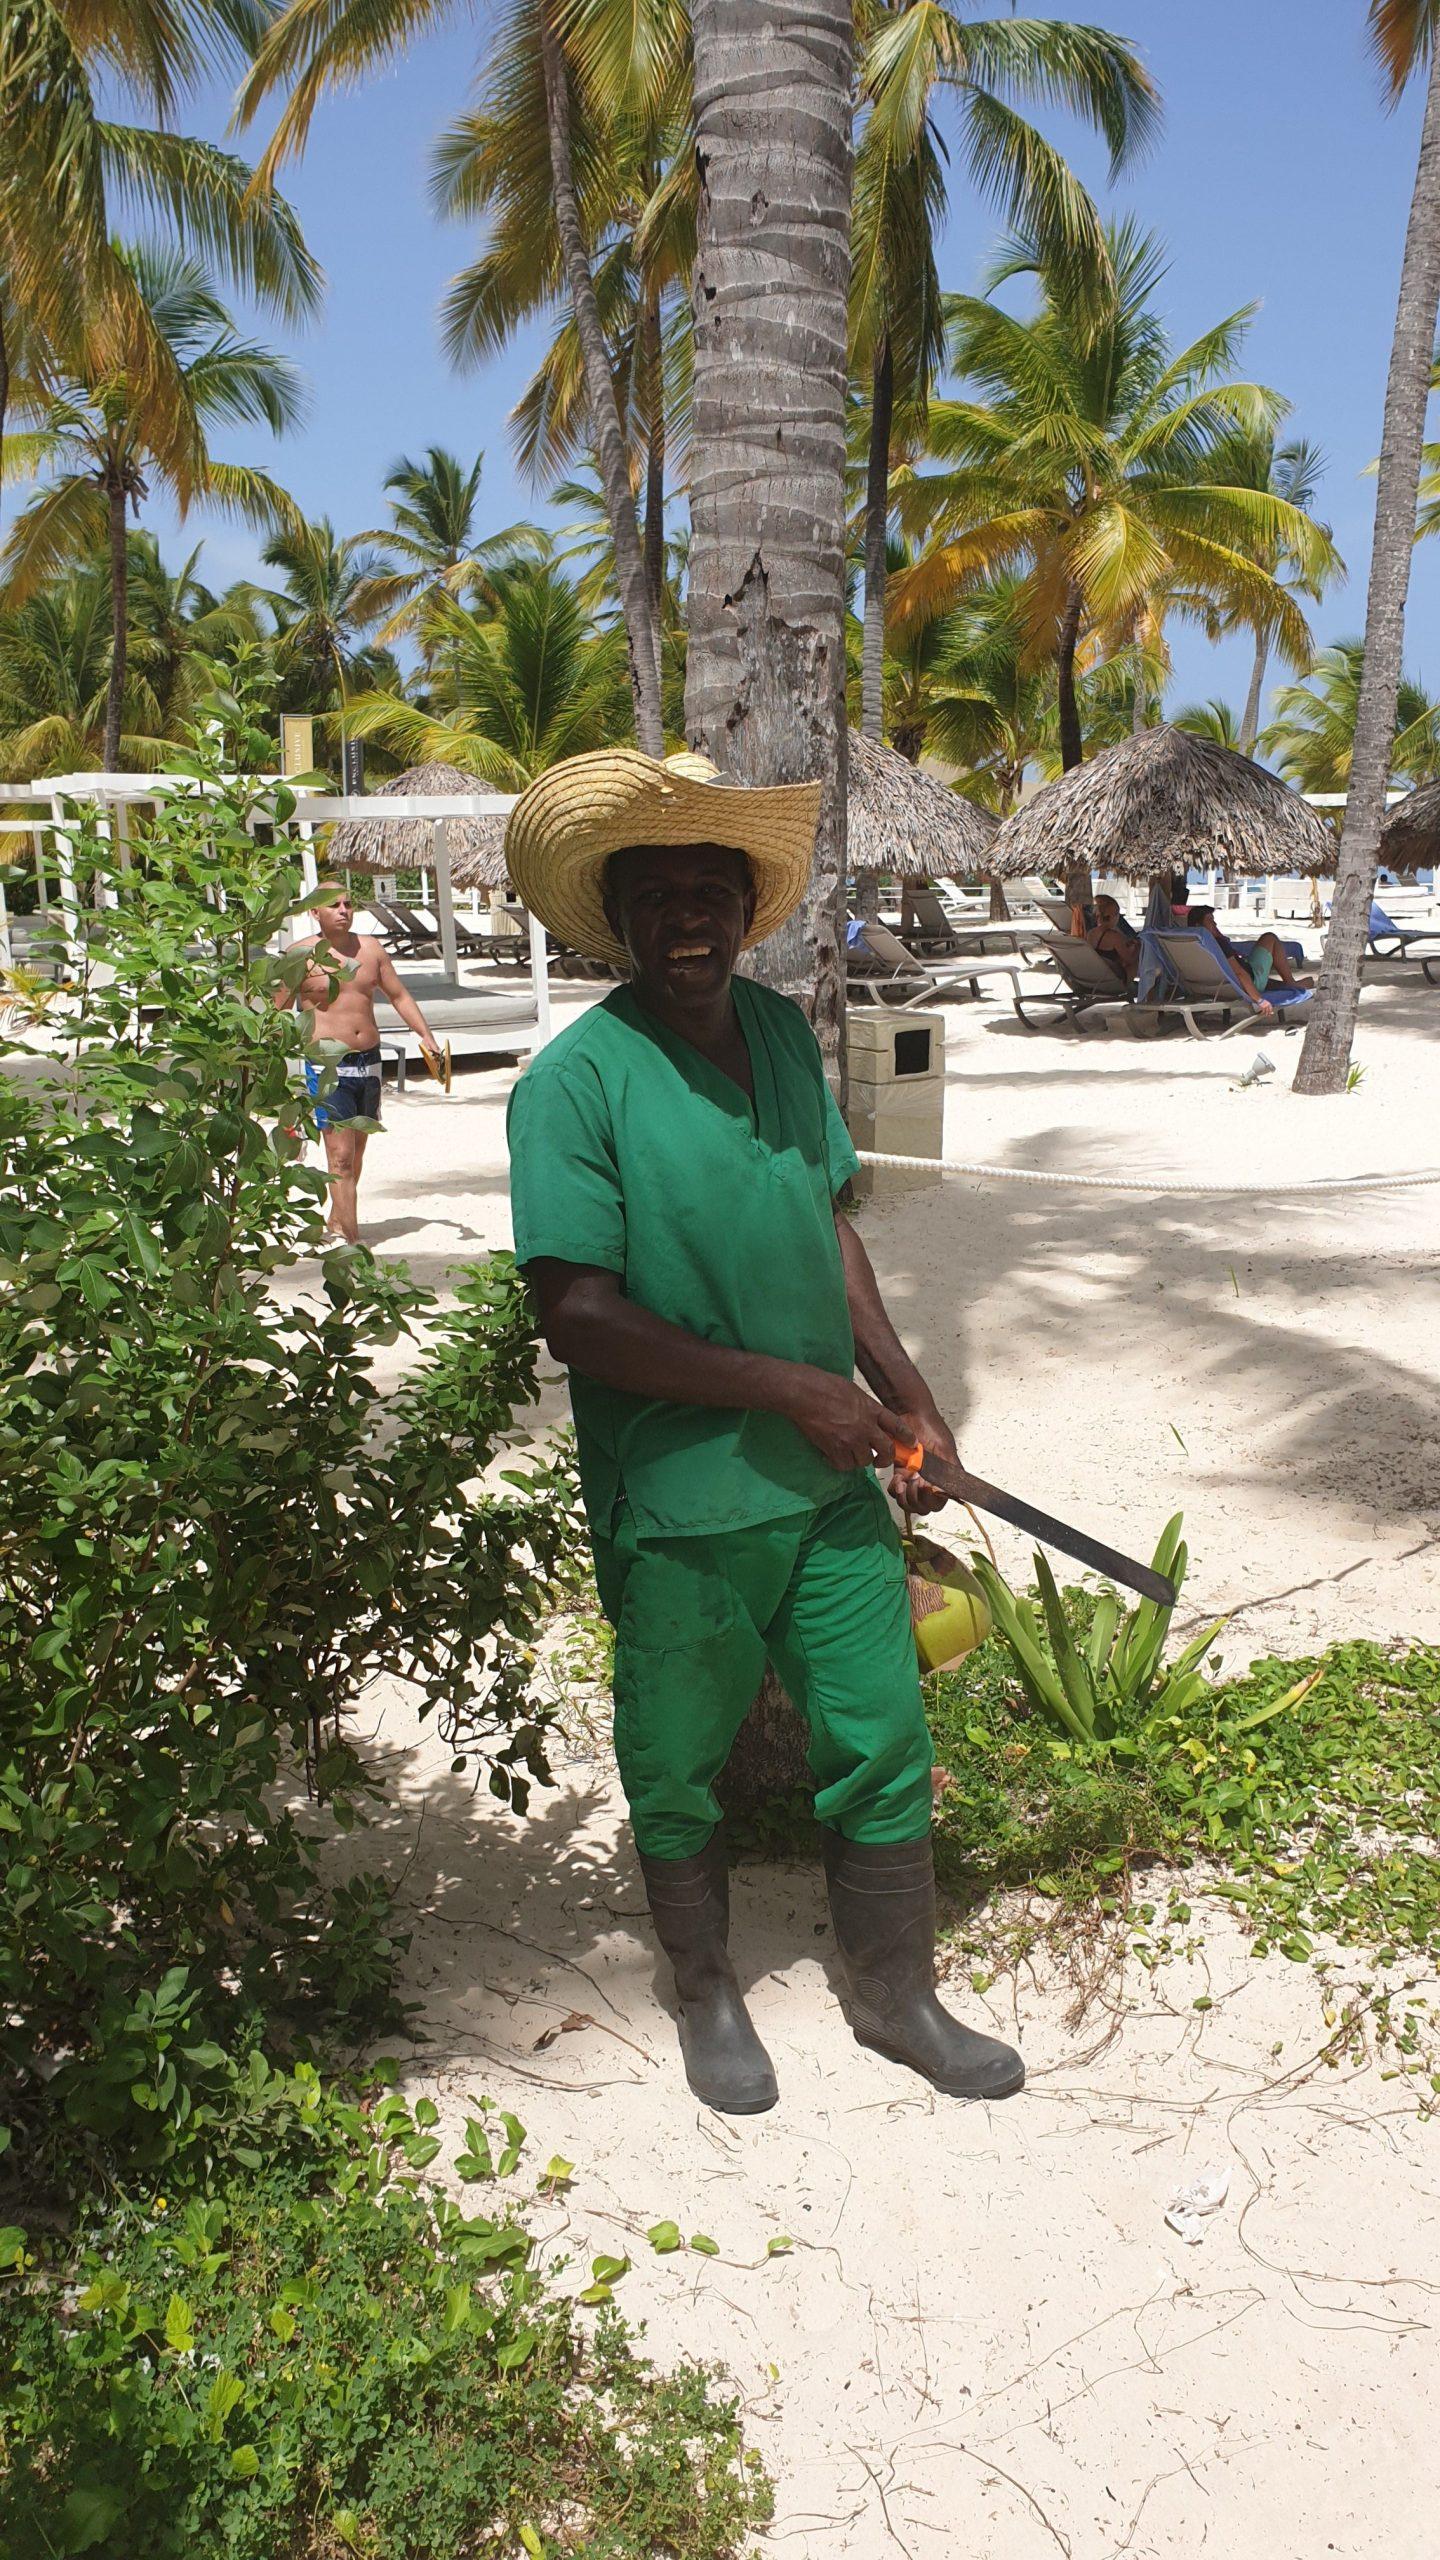 Localnicii din Republica Dominicana: mereu cu zambetul pe buze!